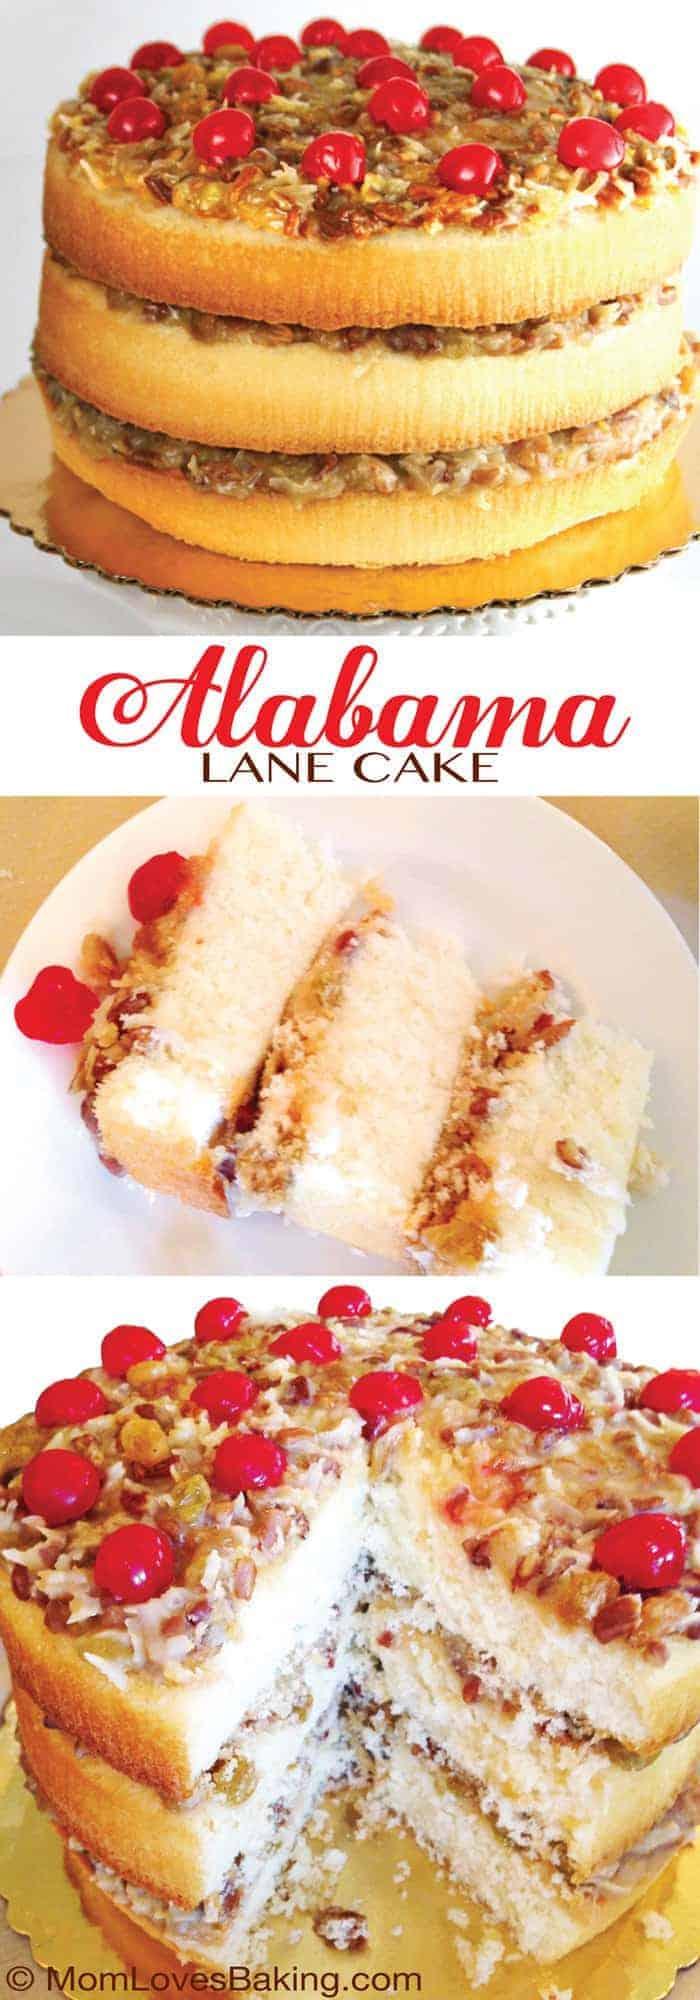 Alabama Christmas Lane Cake